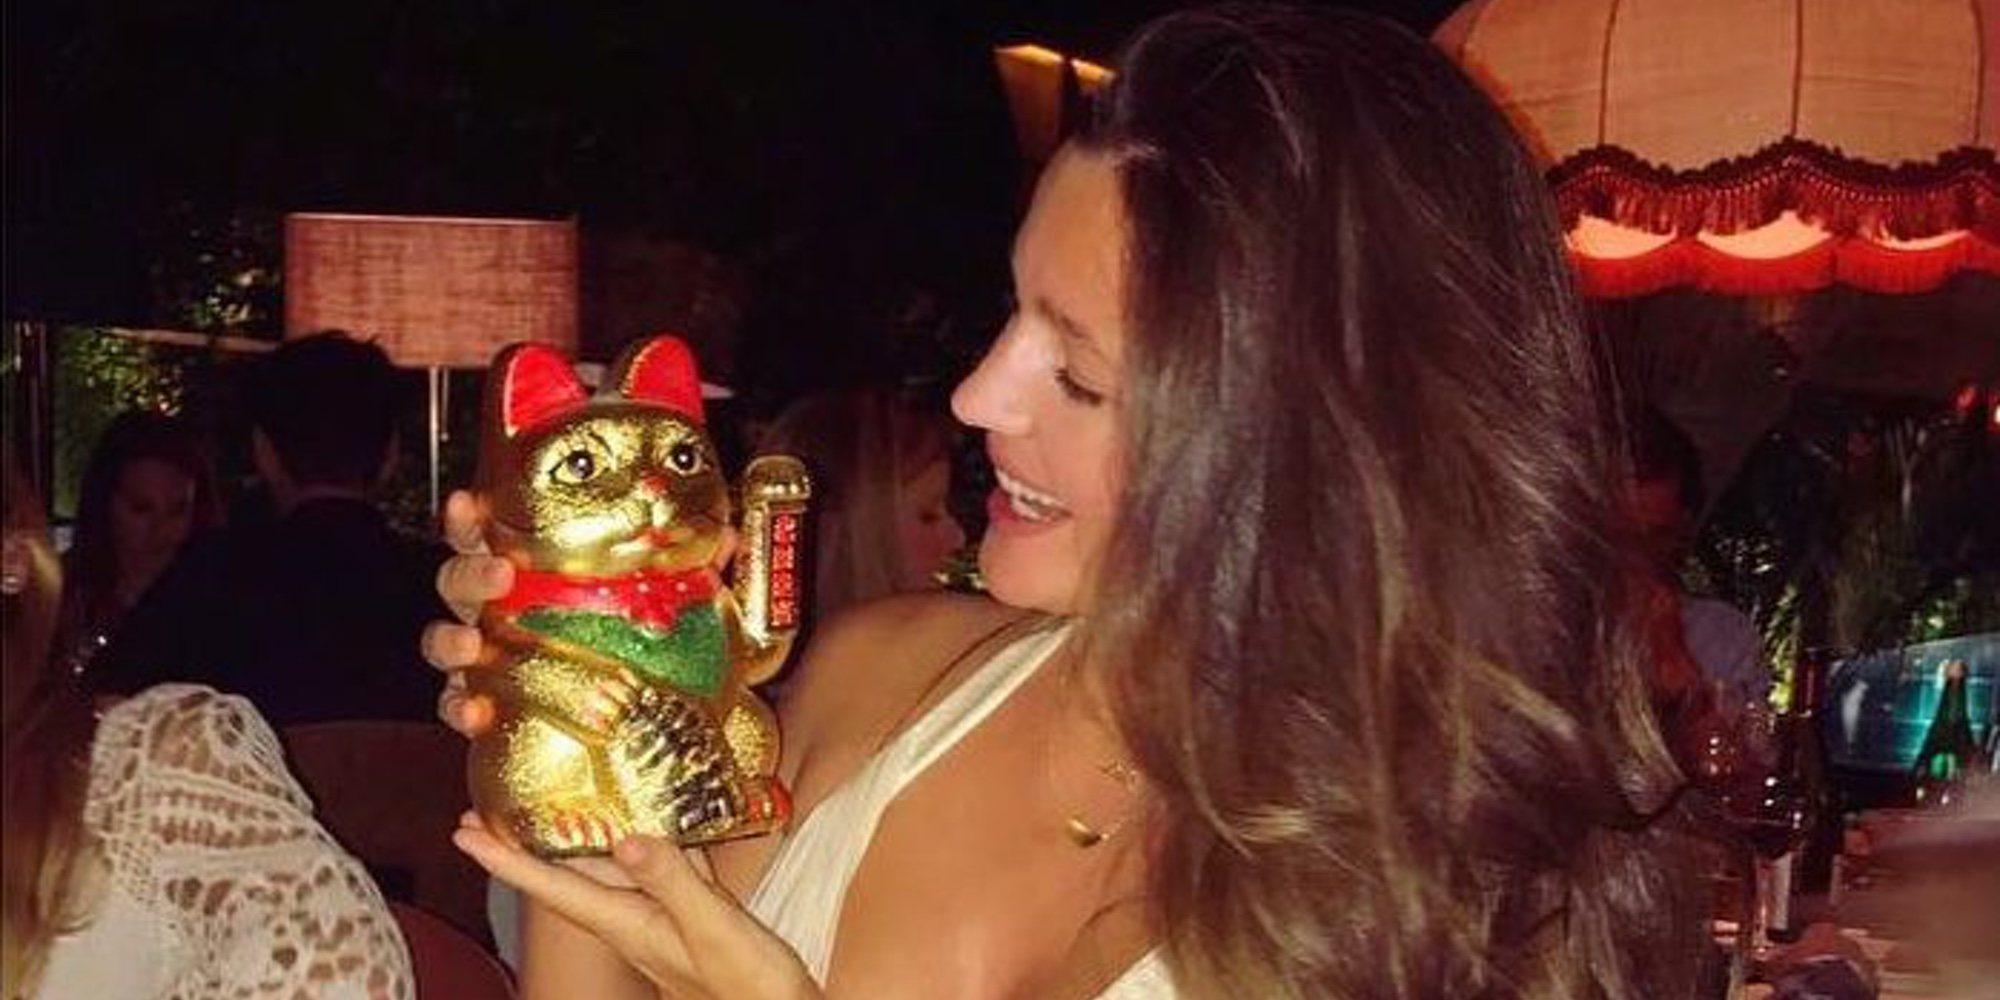 Las aventuras de Malena Costa en su llegada a China